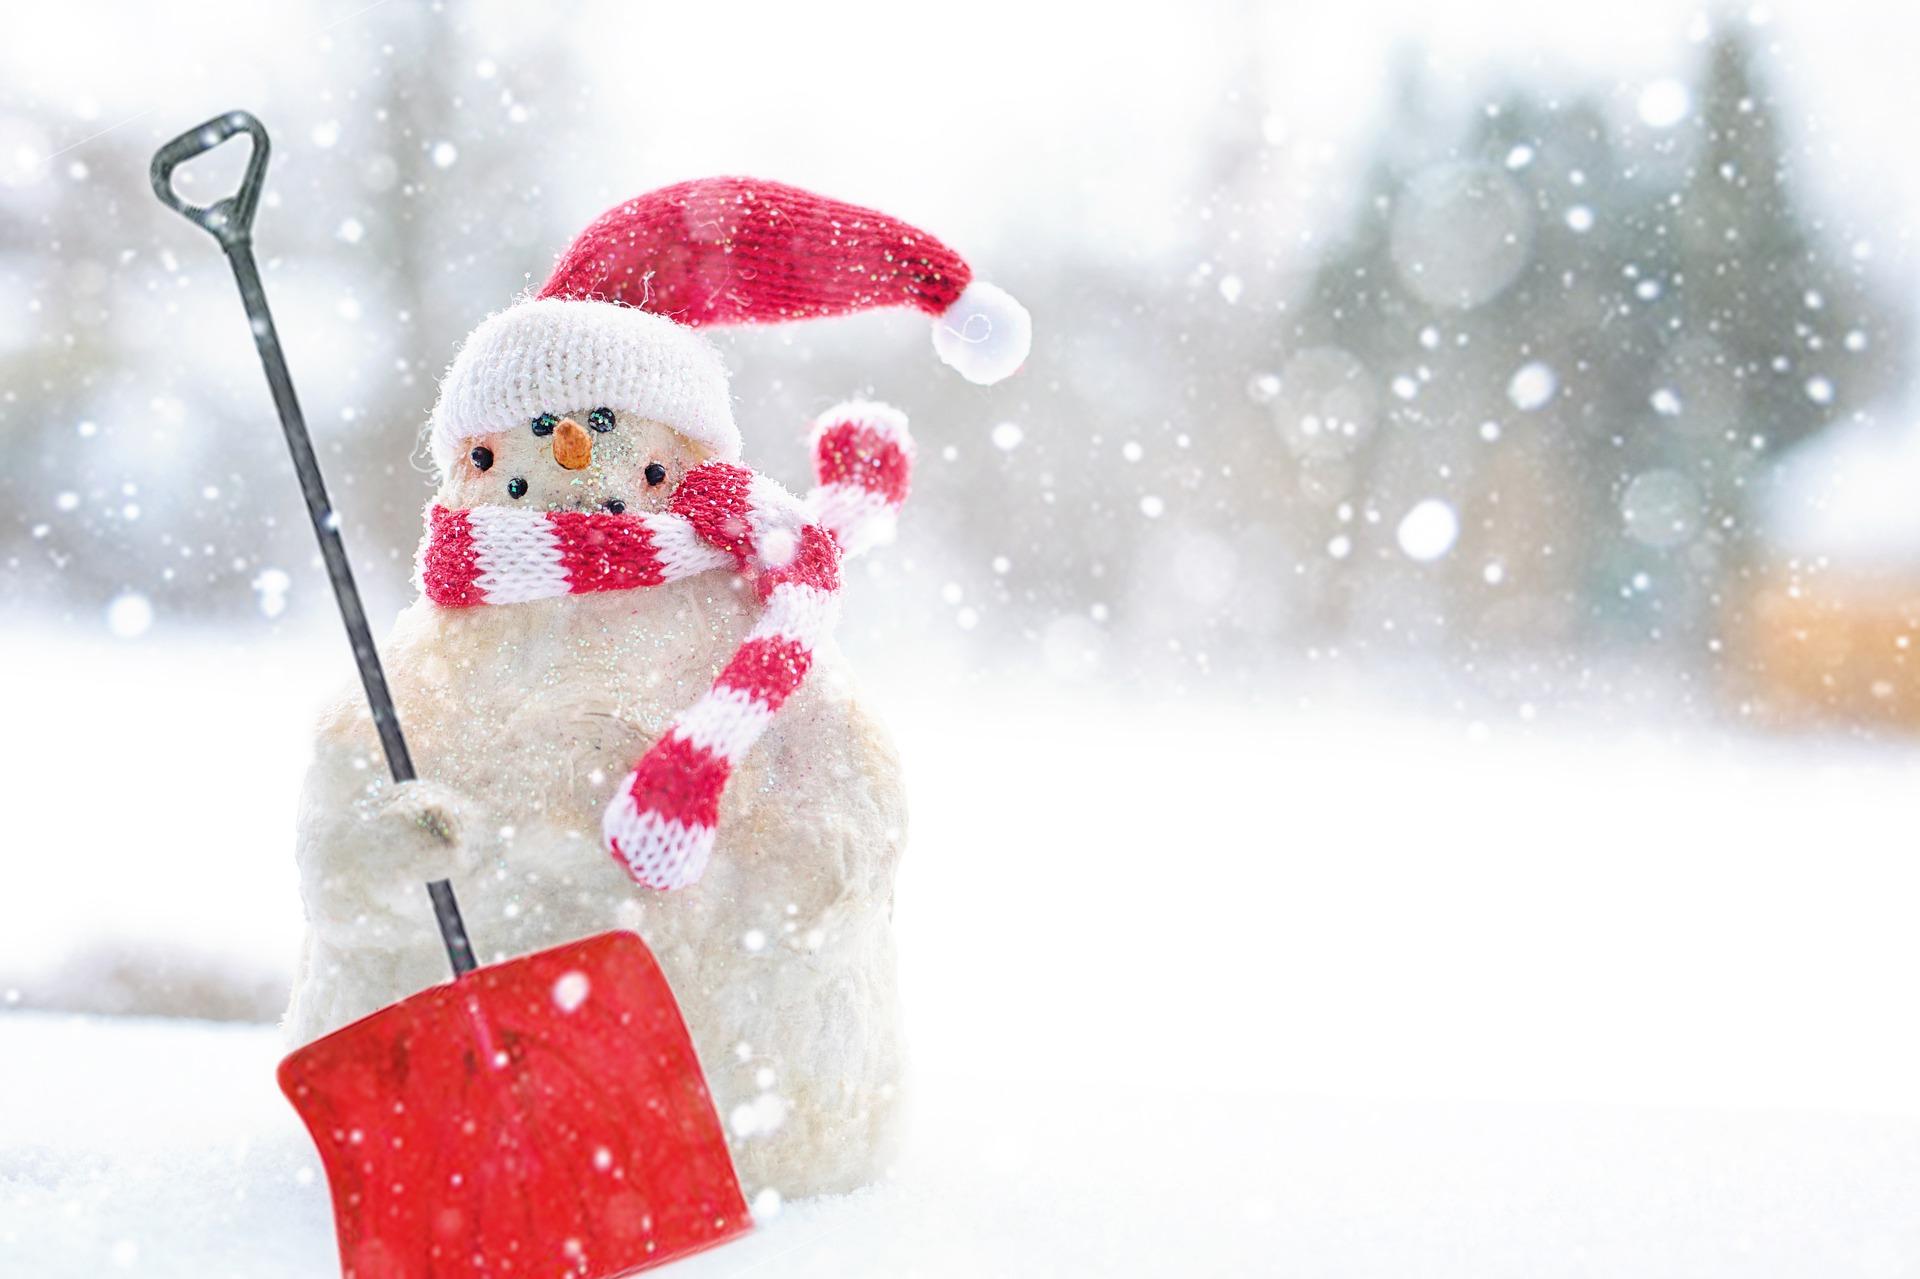 winter-3084963_1920_déblayer la neige